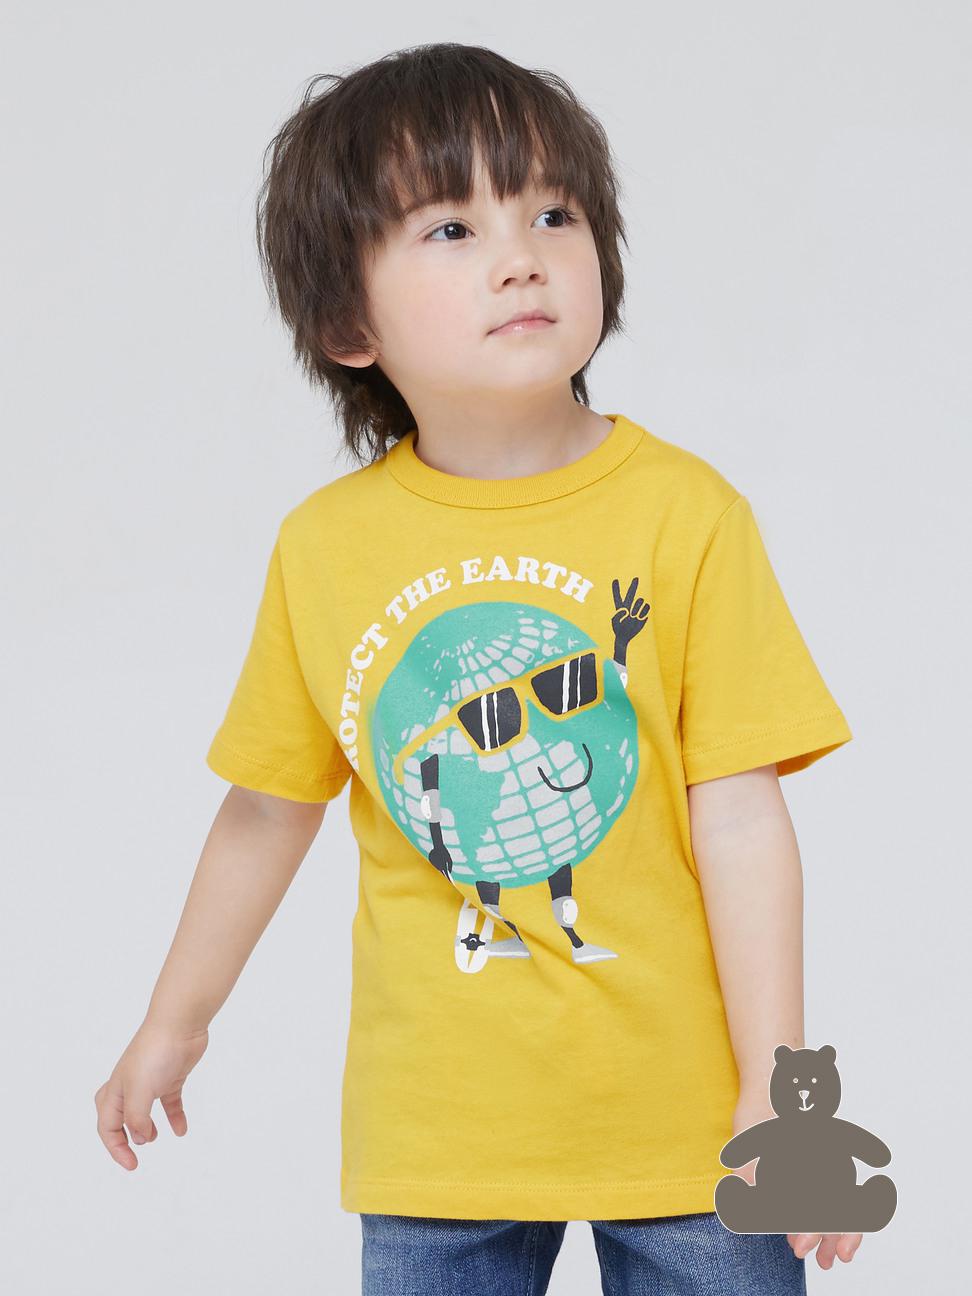 幼童 布萊納系列 純棉童趣圓領短袖T恤